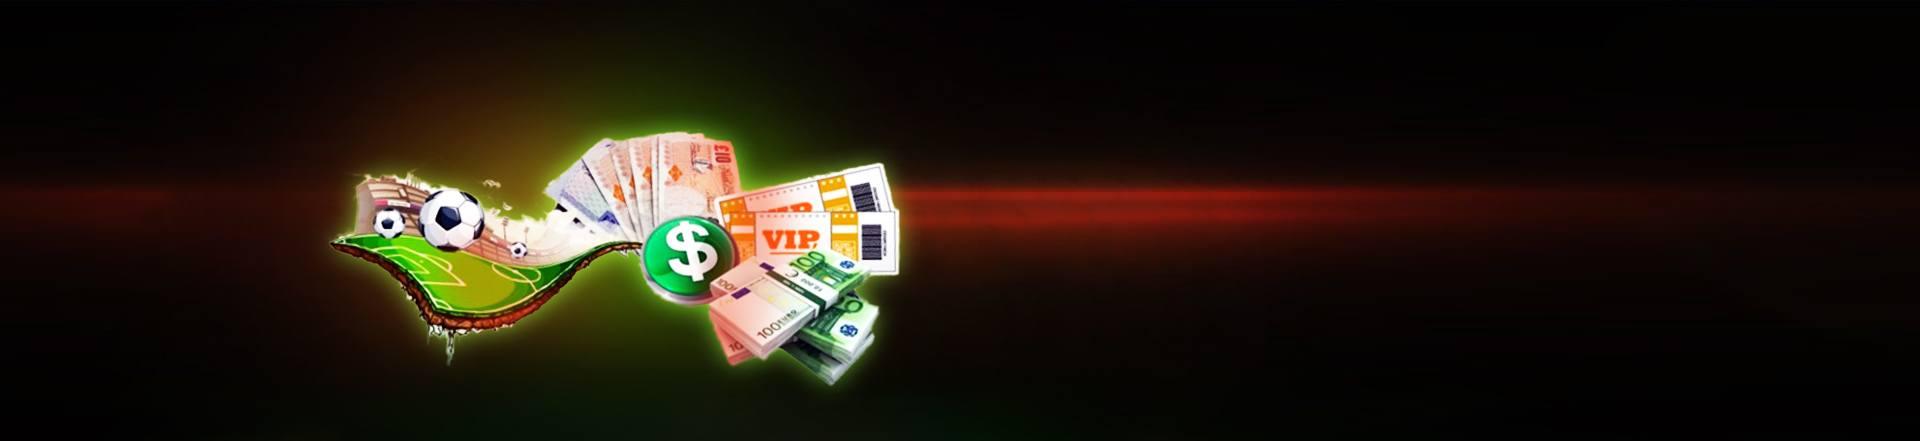 БК Vulkan bet дает возможность играть на деньги